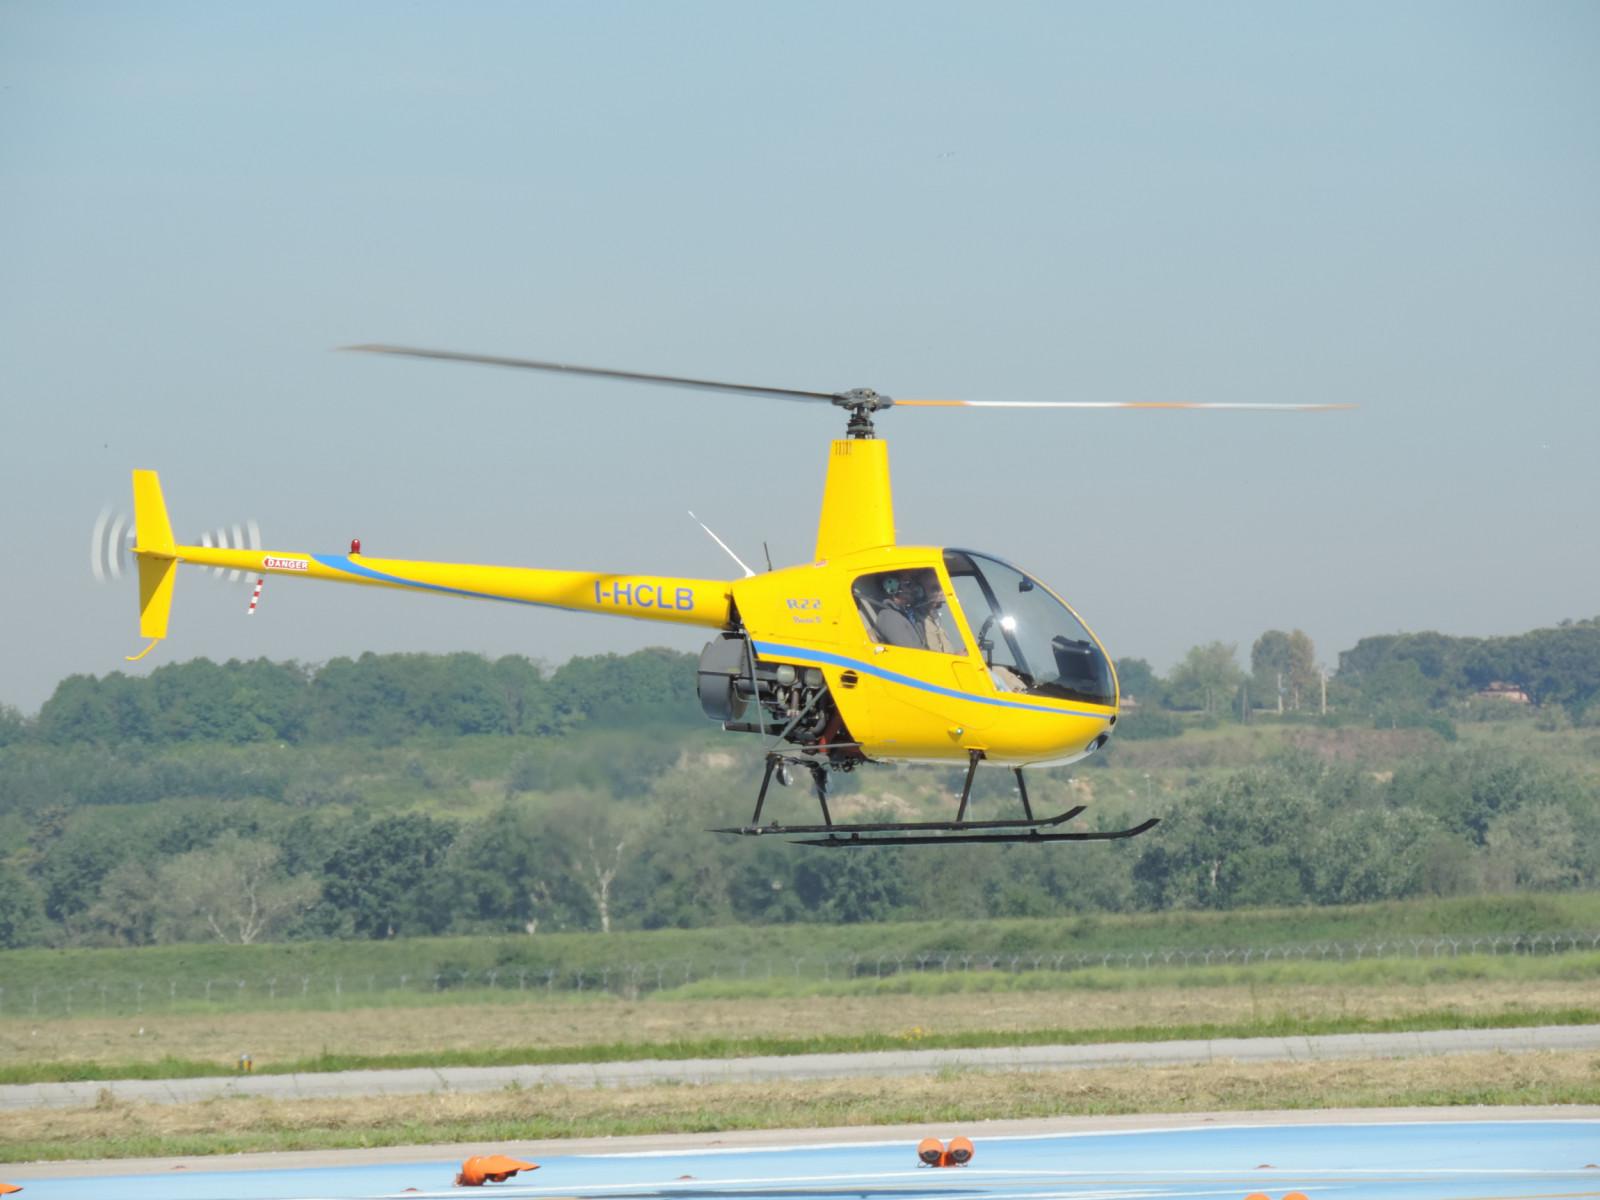 Prova di pilotaggio in elicottero a Roma